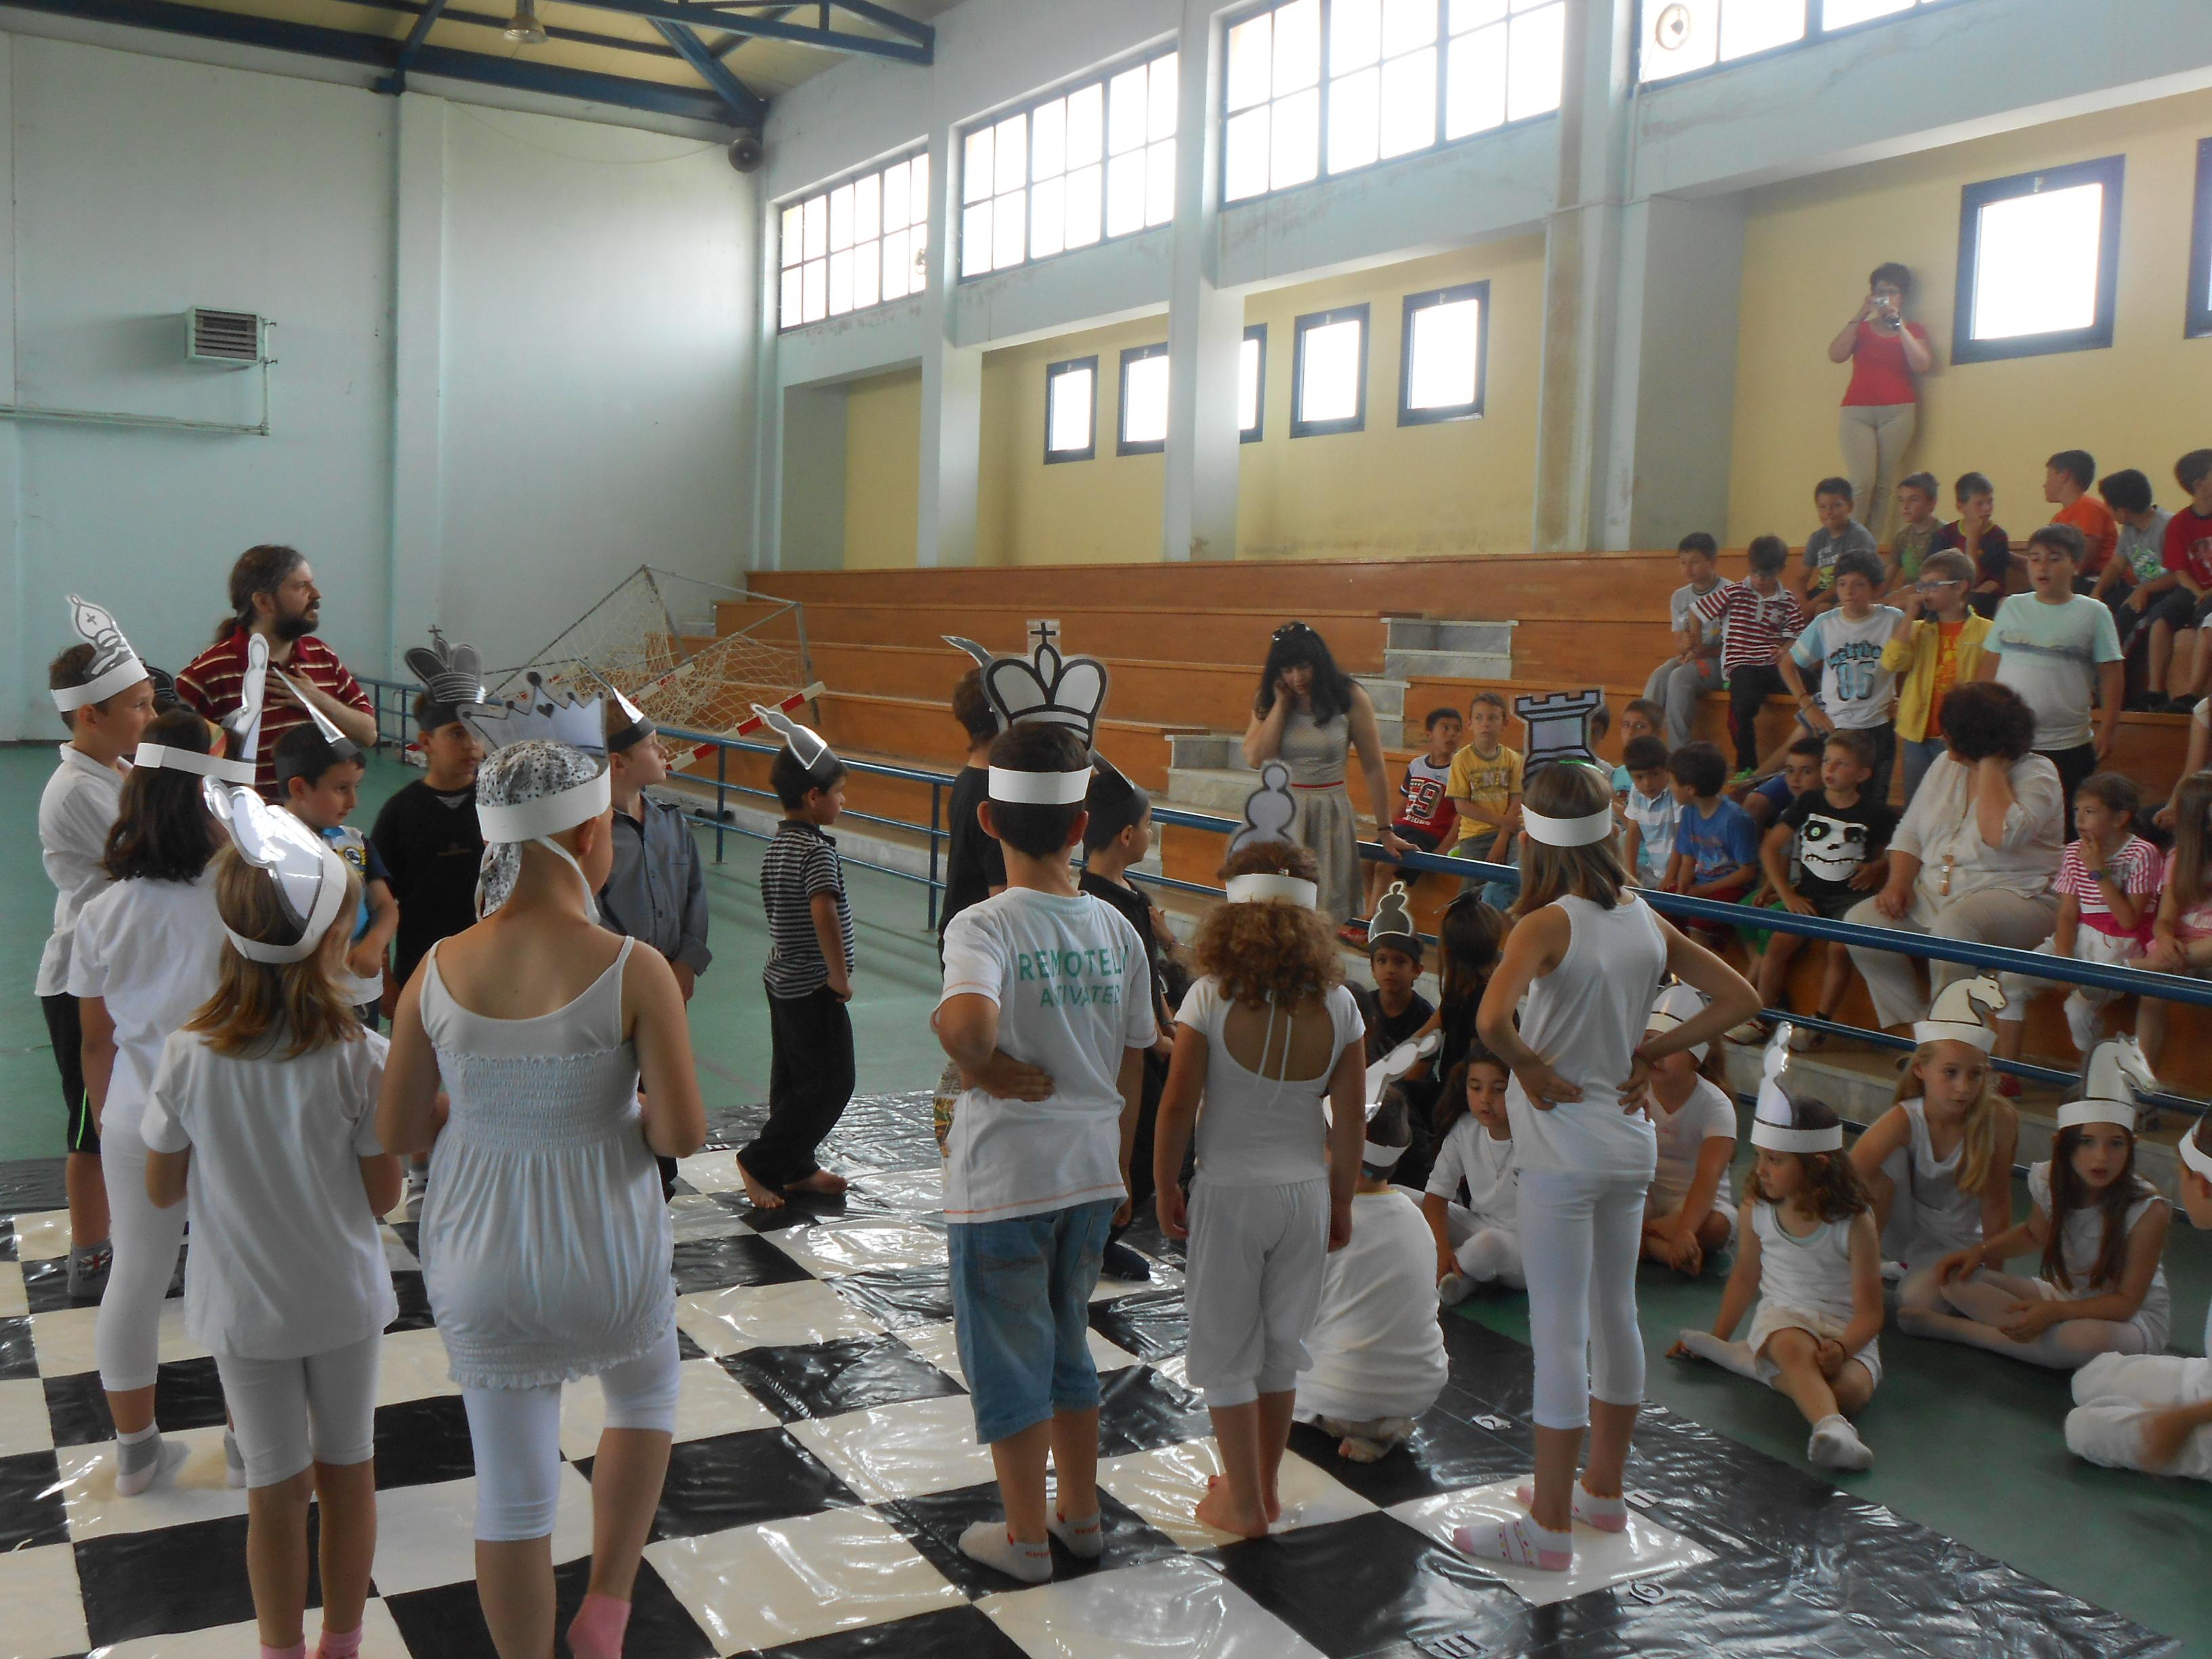 Παίζουμε Σκάκι - Ψυχαγωγία